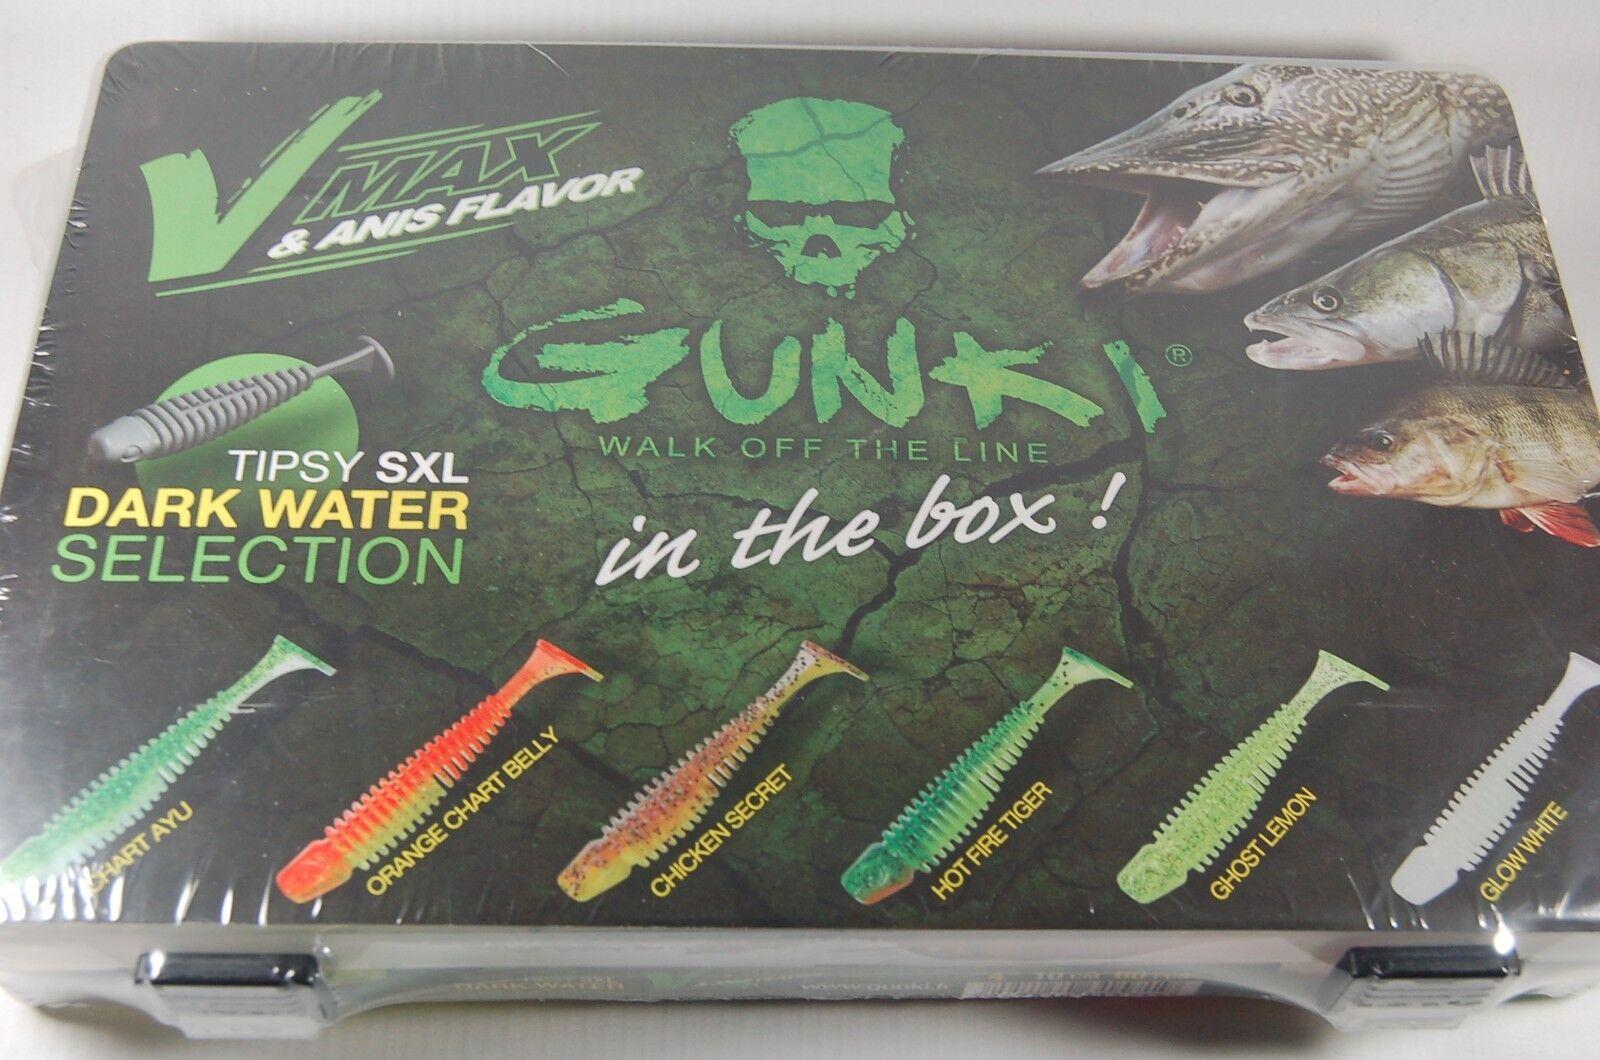 Gunki Tipsy SXL Dark Water Kit Boxt Gummifisch alle Größen trübes Wasser